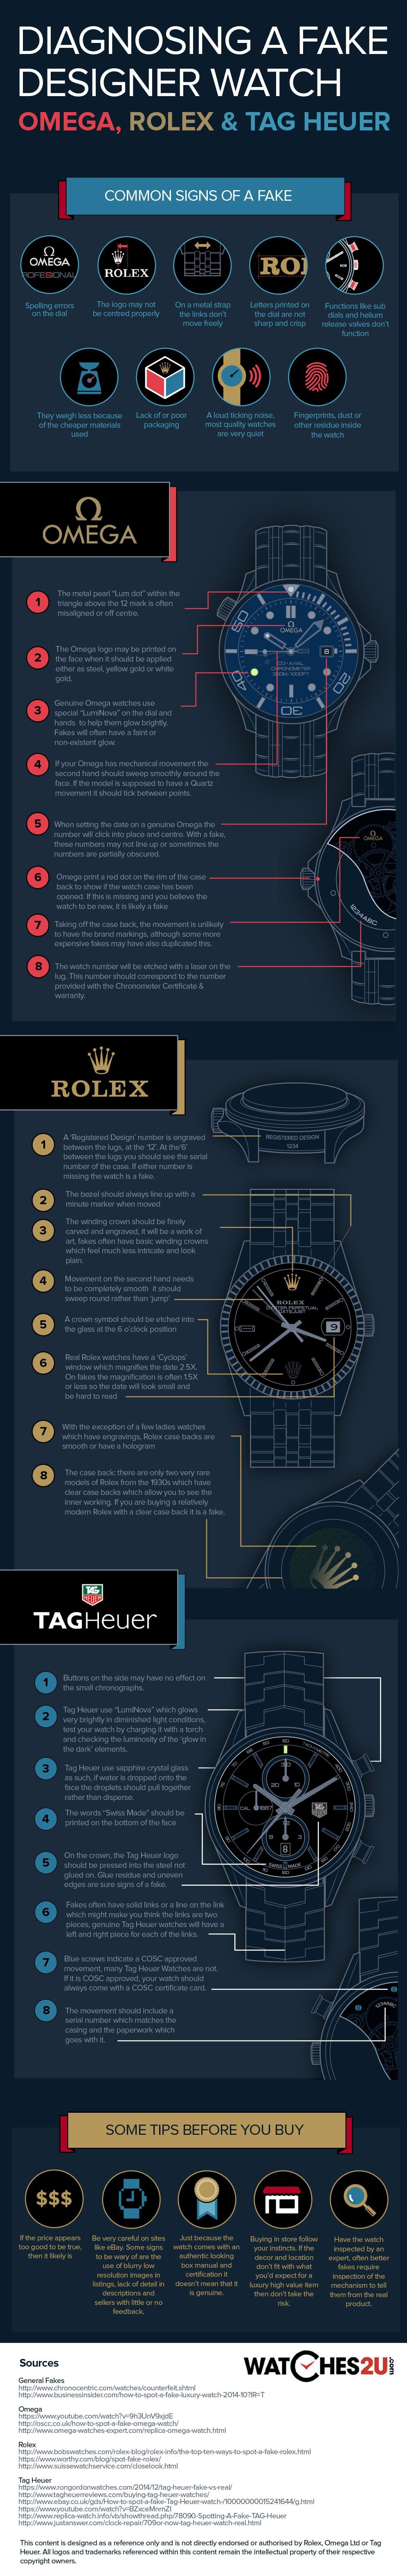 Spotting En Fake Rolex, Omega eller Tag Heuer Watch, infografik